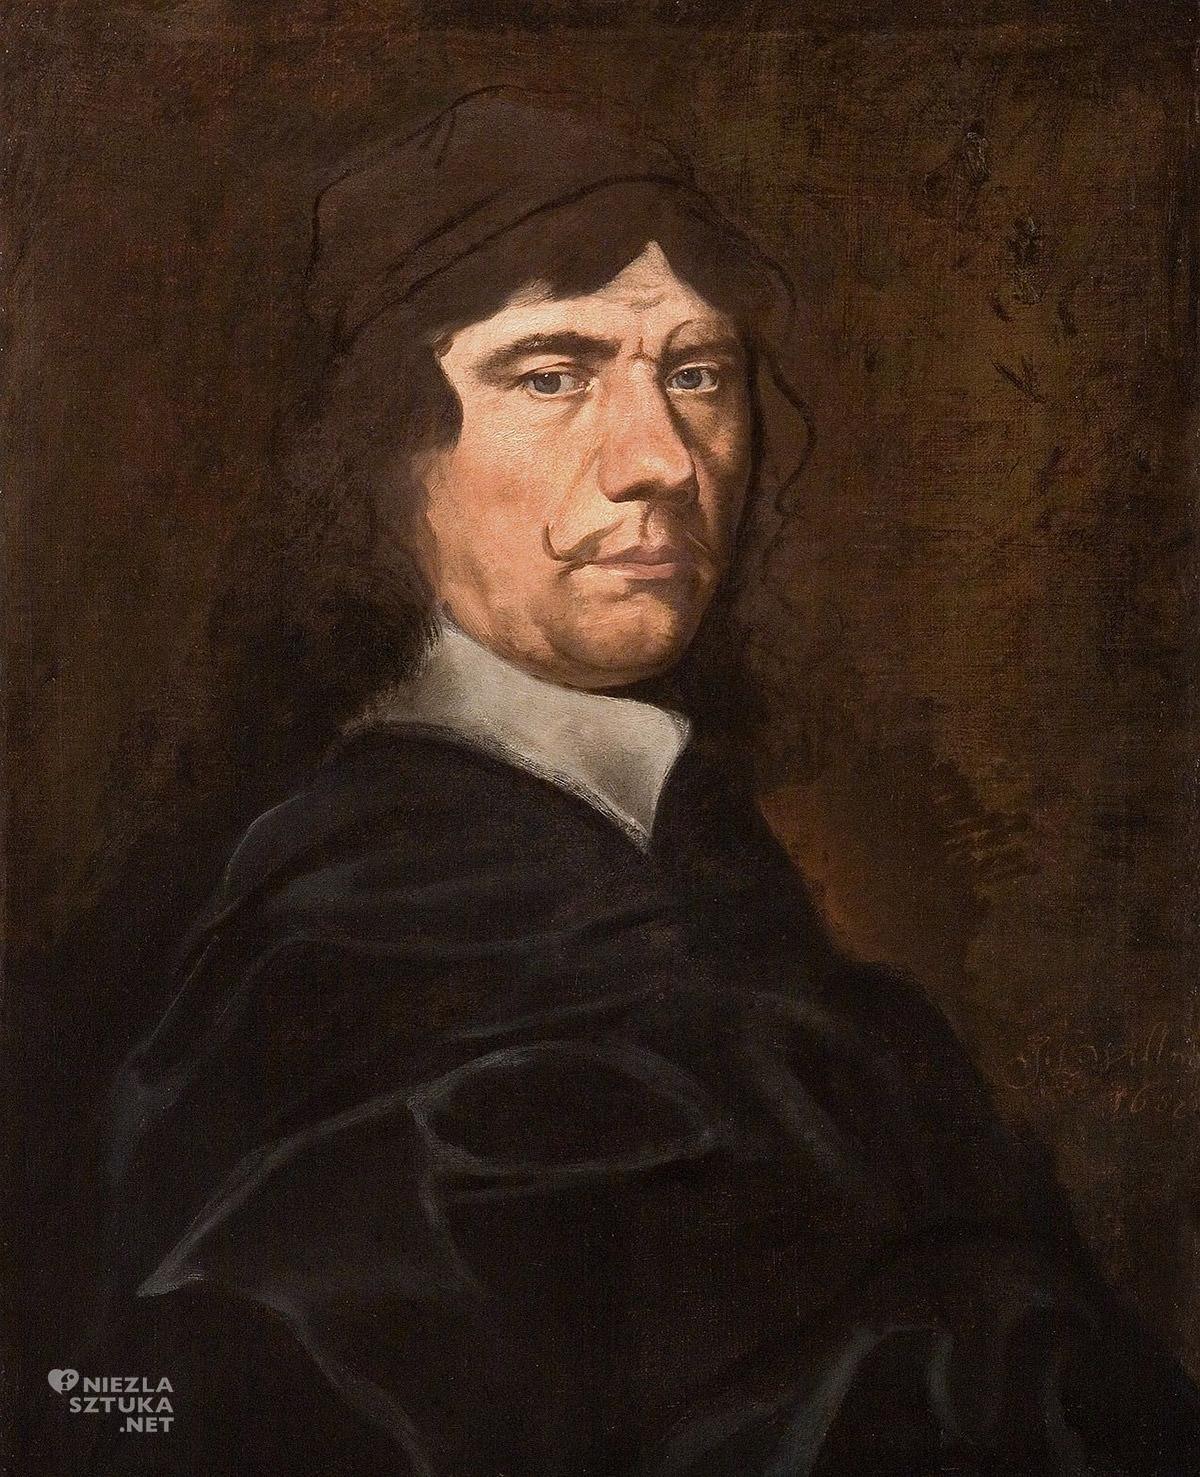 Michael Willmann, Autoportret, barok, Śląsk, Niezła Sztuka